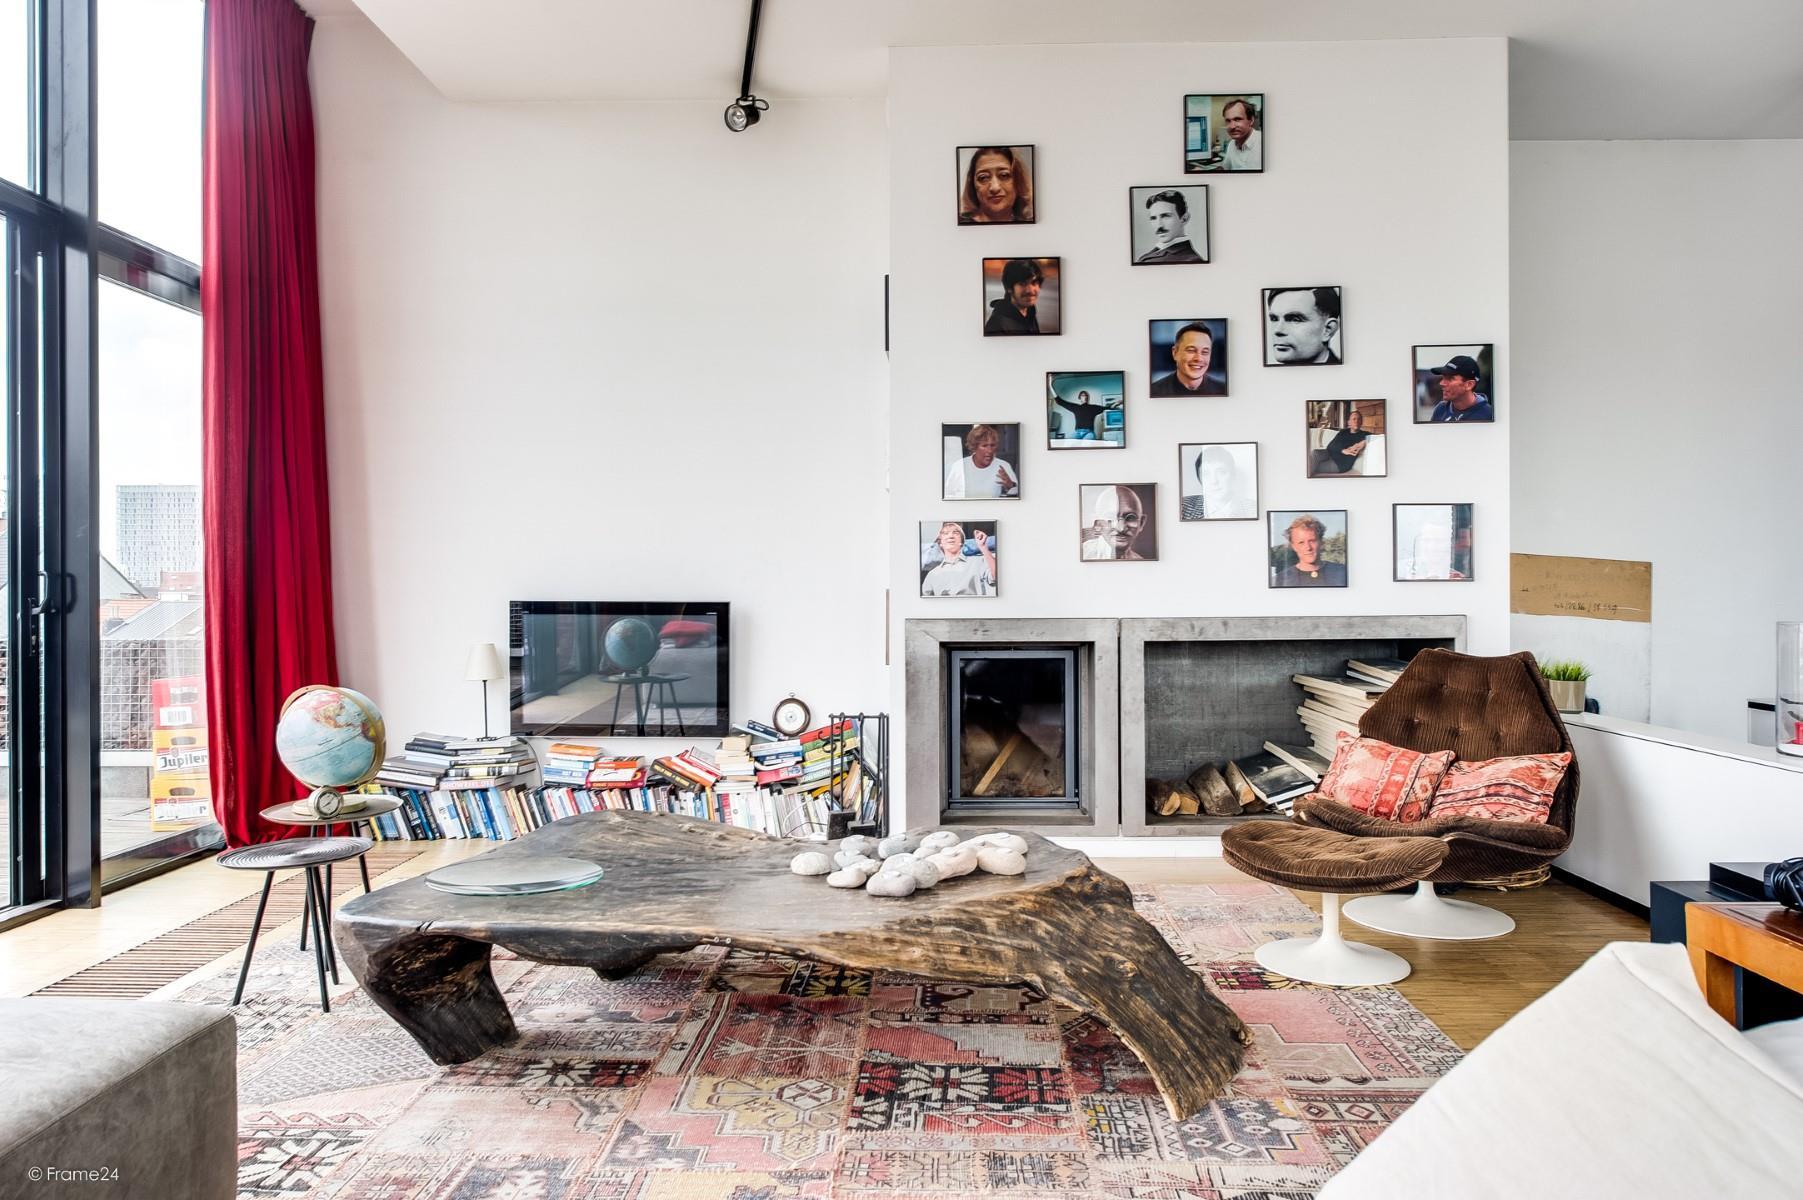 гостиная камин дрова телевизор журнальный стол ковер глобус